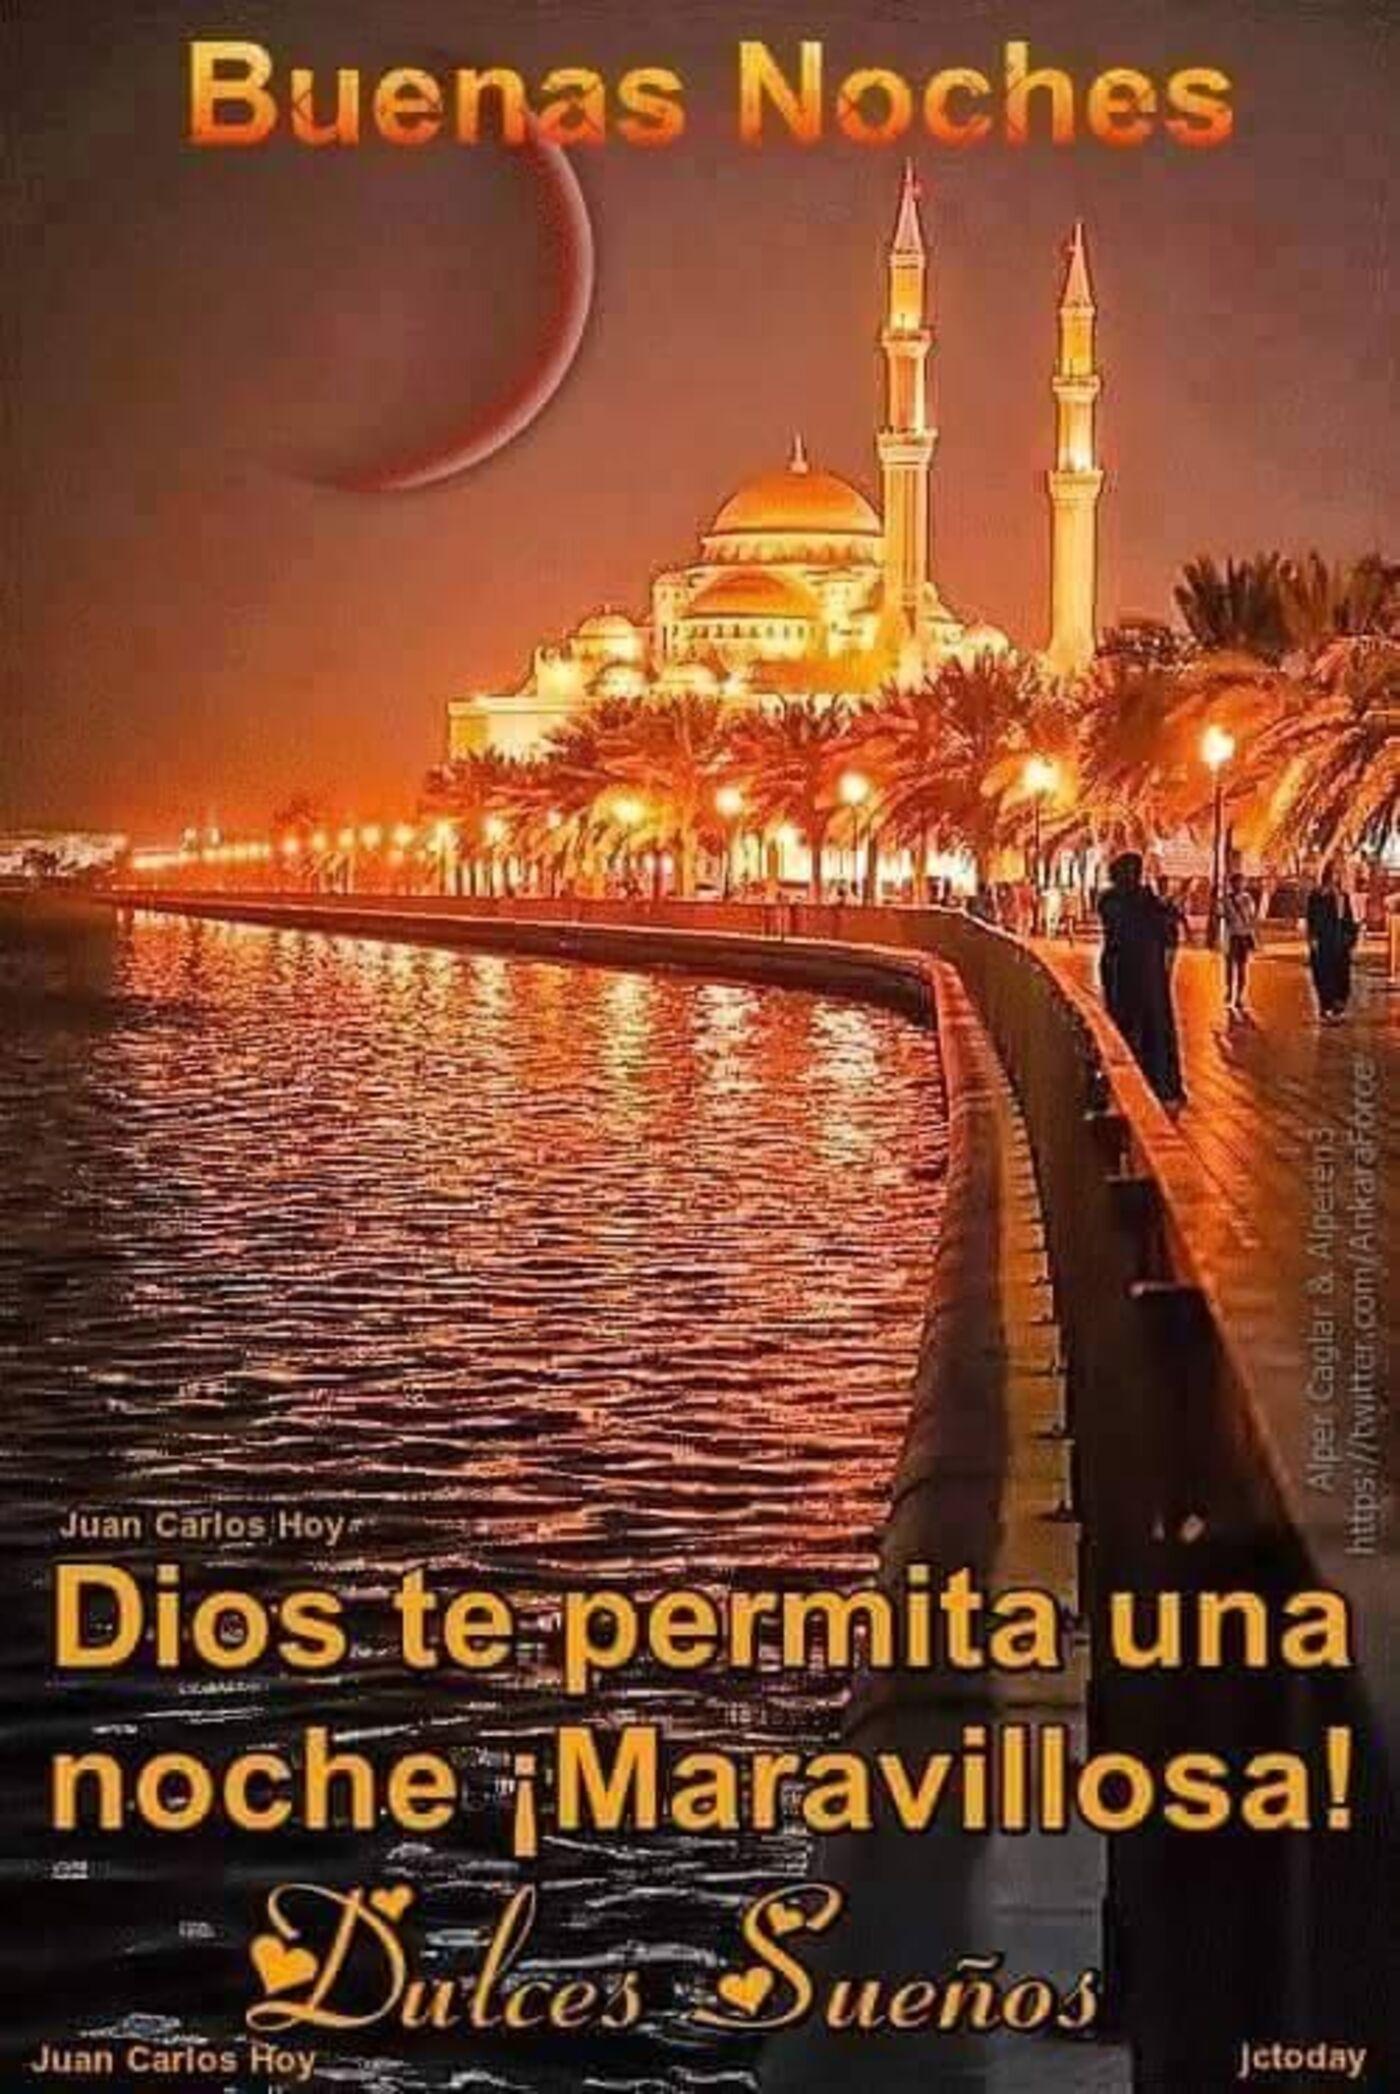 Buenas noches Dios te permita una noche maravillosa! Dulces sueños